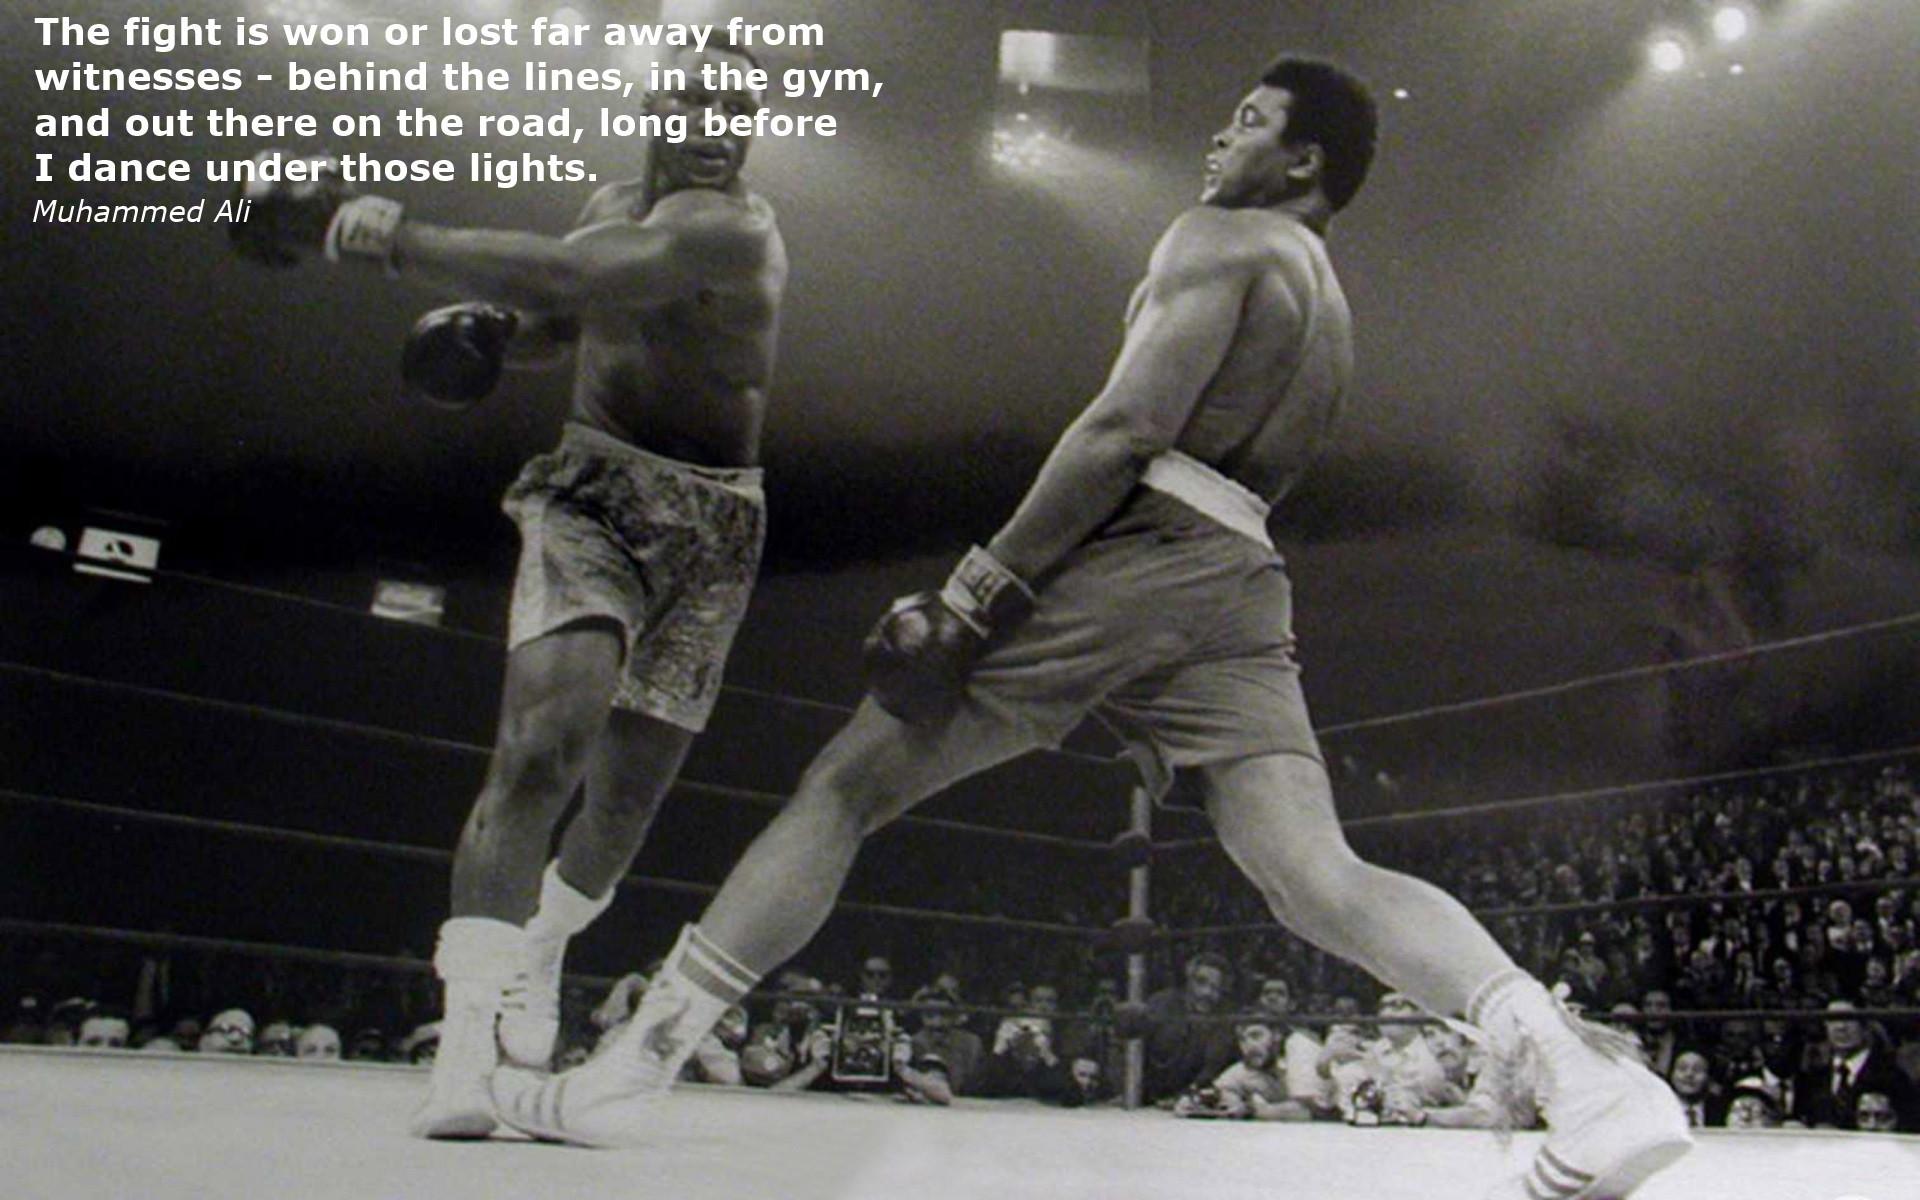 or lost Ali Muhammad Ali Wallpaper Num 1 1920 x 1200 4534 Kb 1920x1200